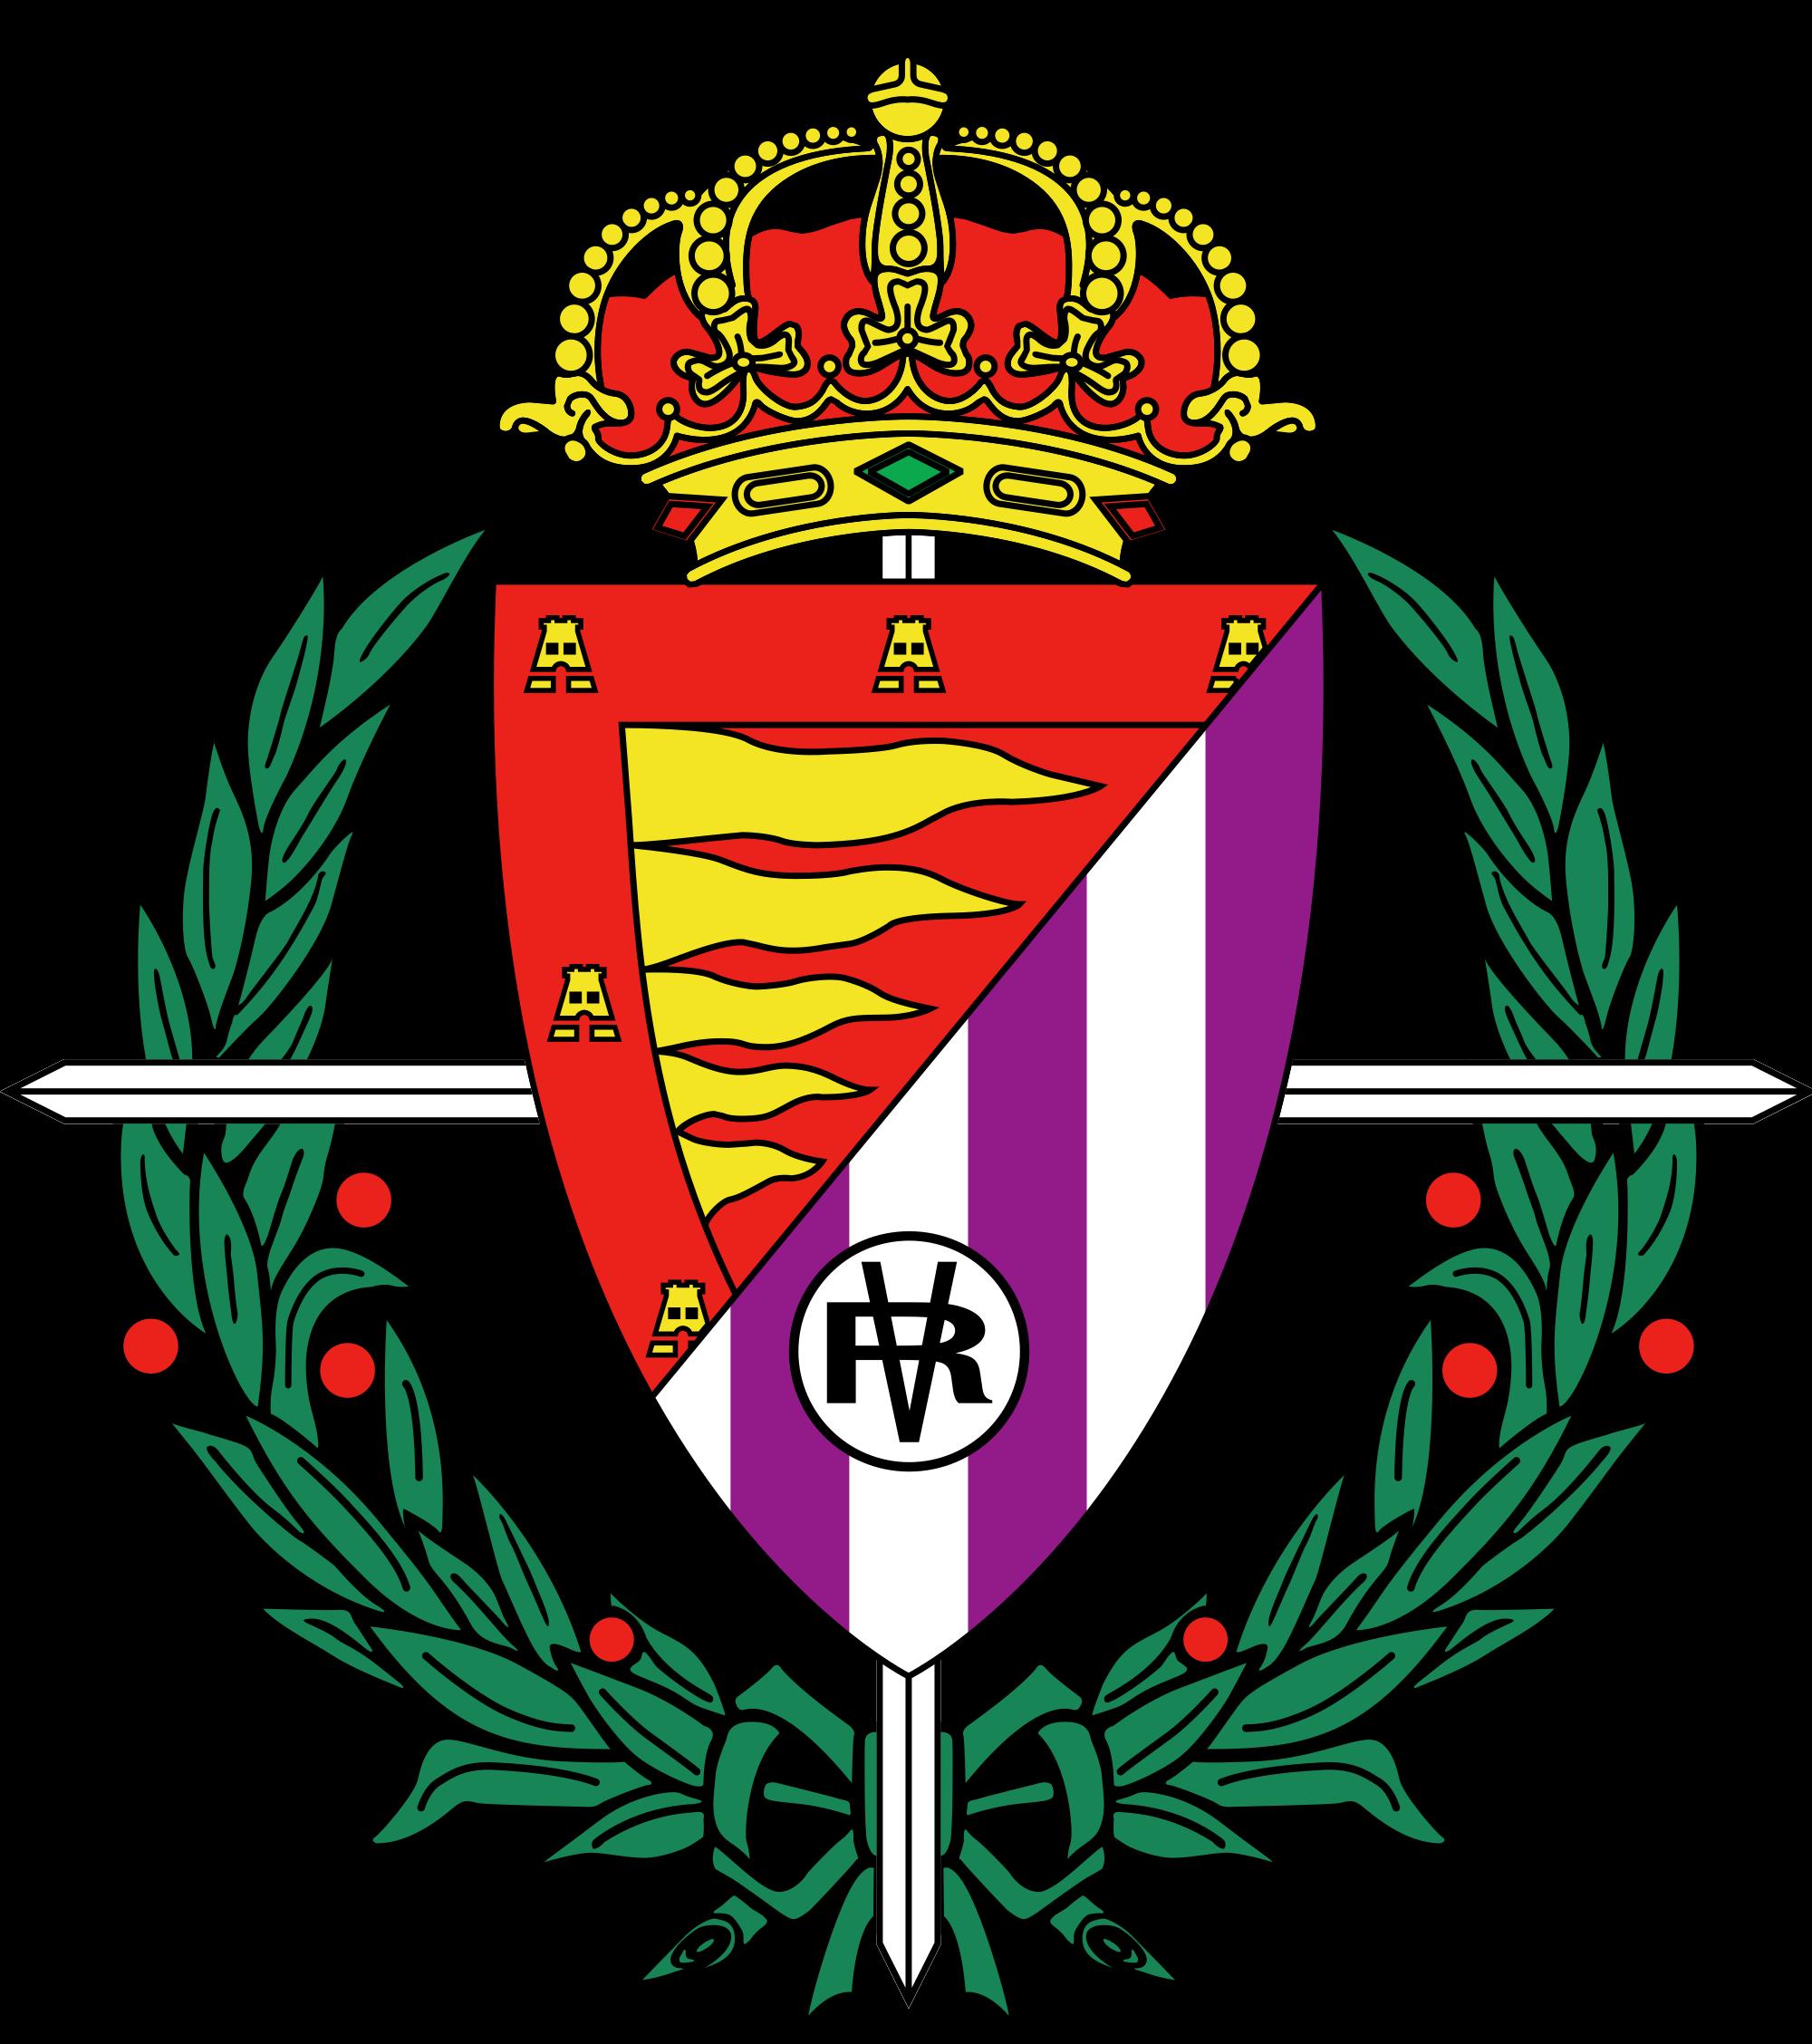 Valladolid   Clubes, Escudos de futebol, Futebol espanhol